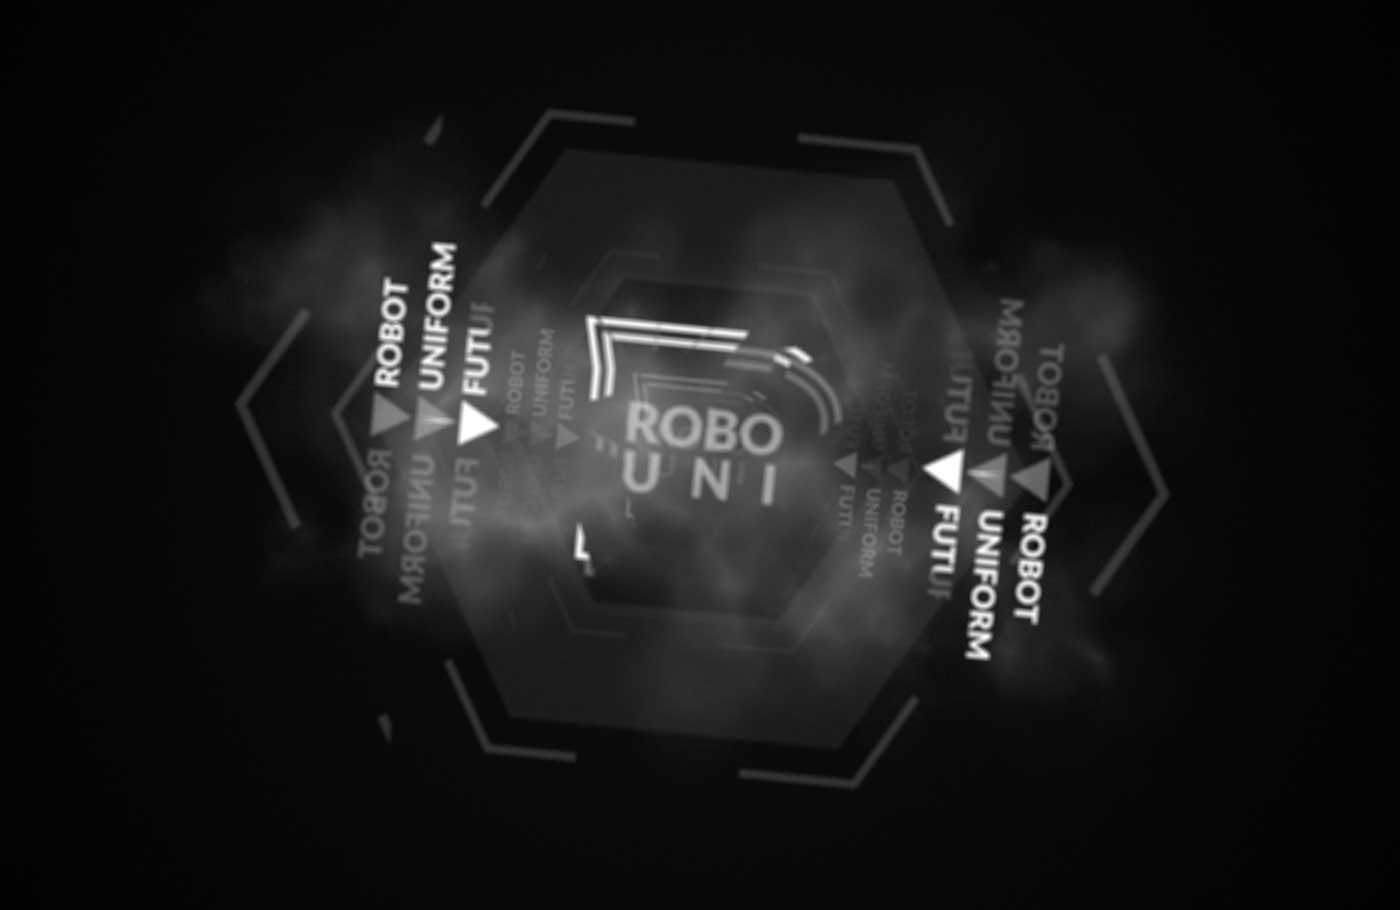 ロボユニプロモーションビデオデザインROBO-UNI PV 2019ver画像